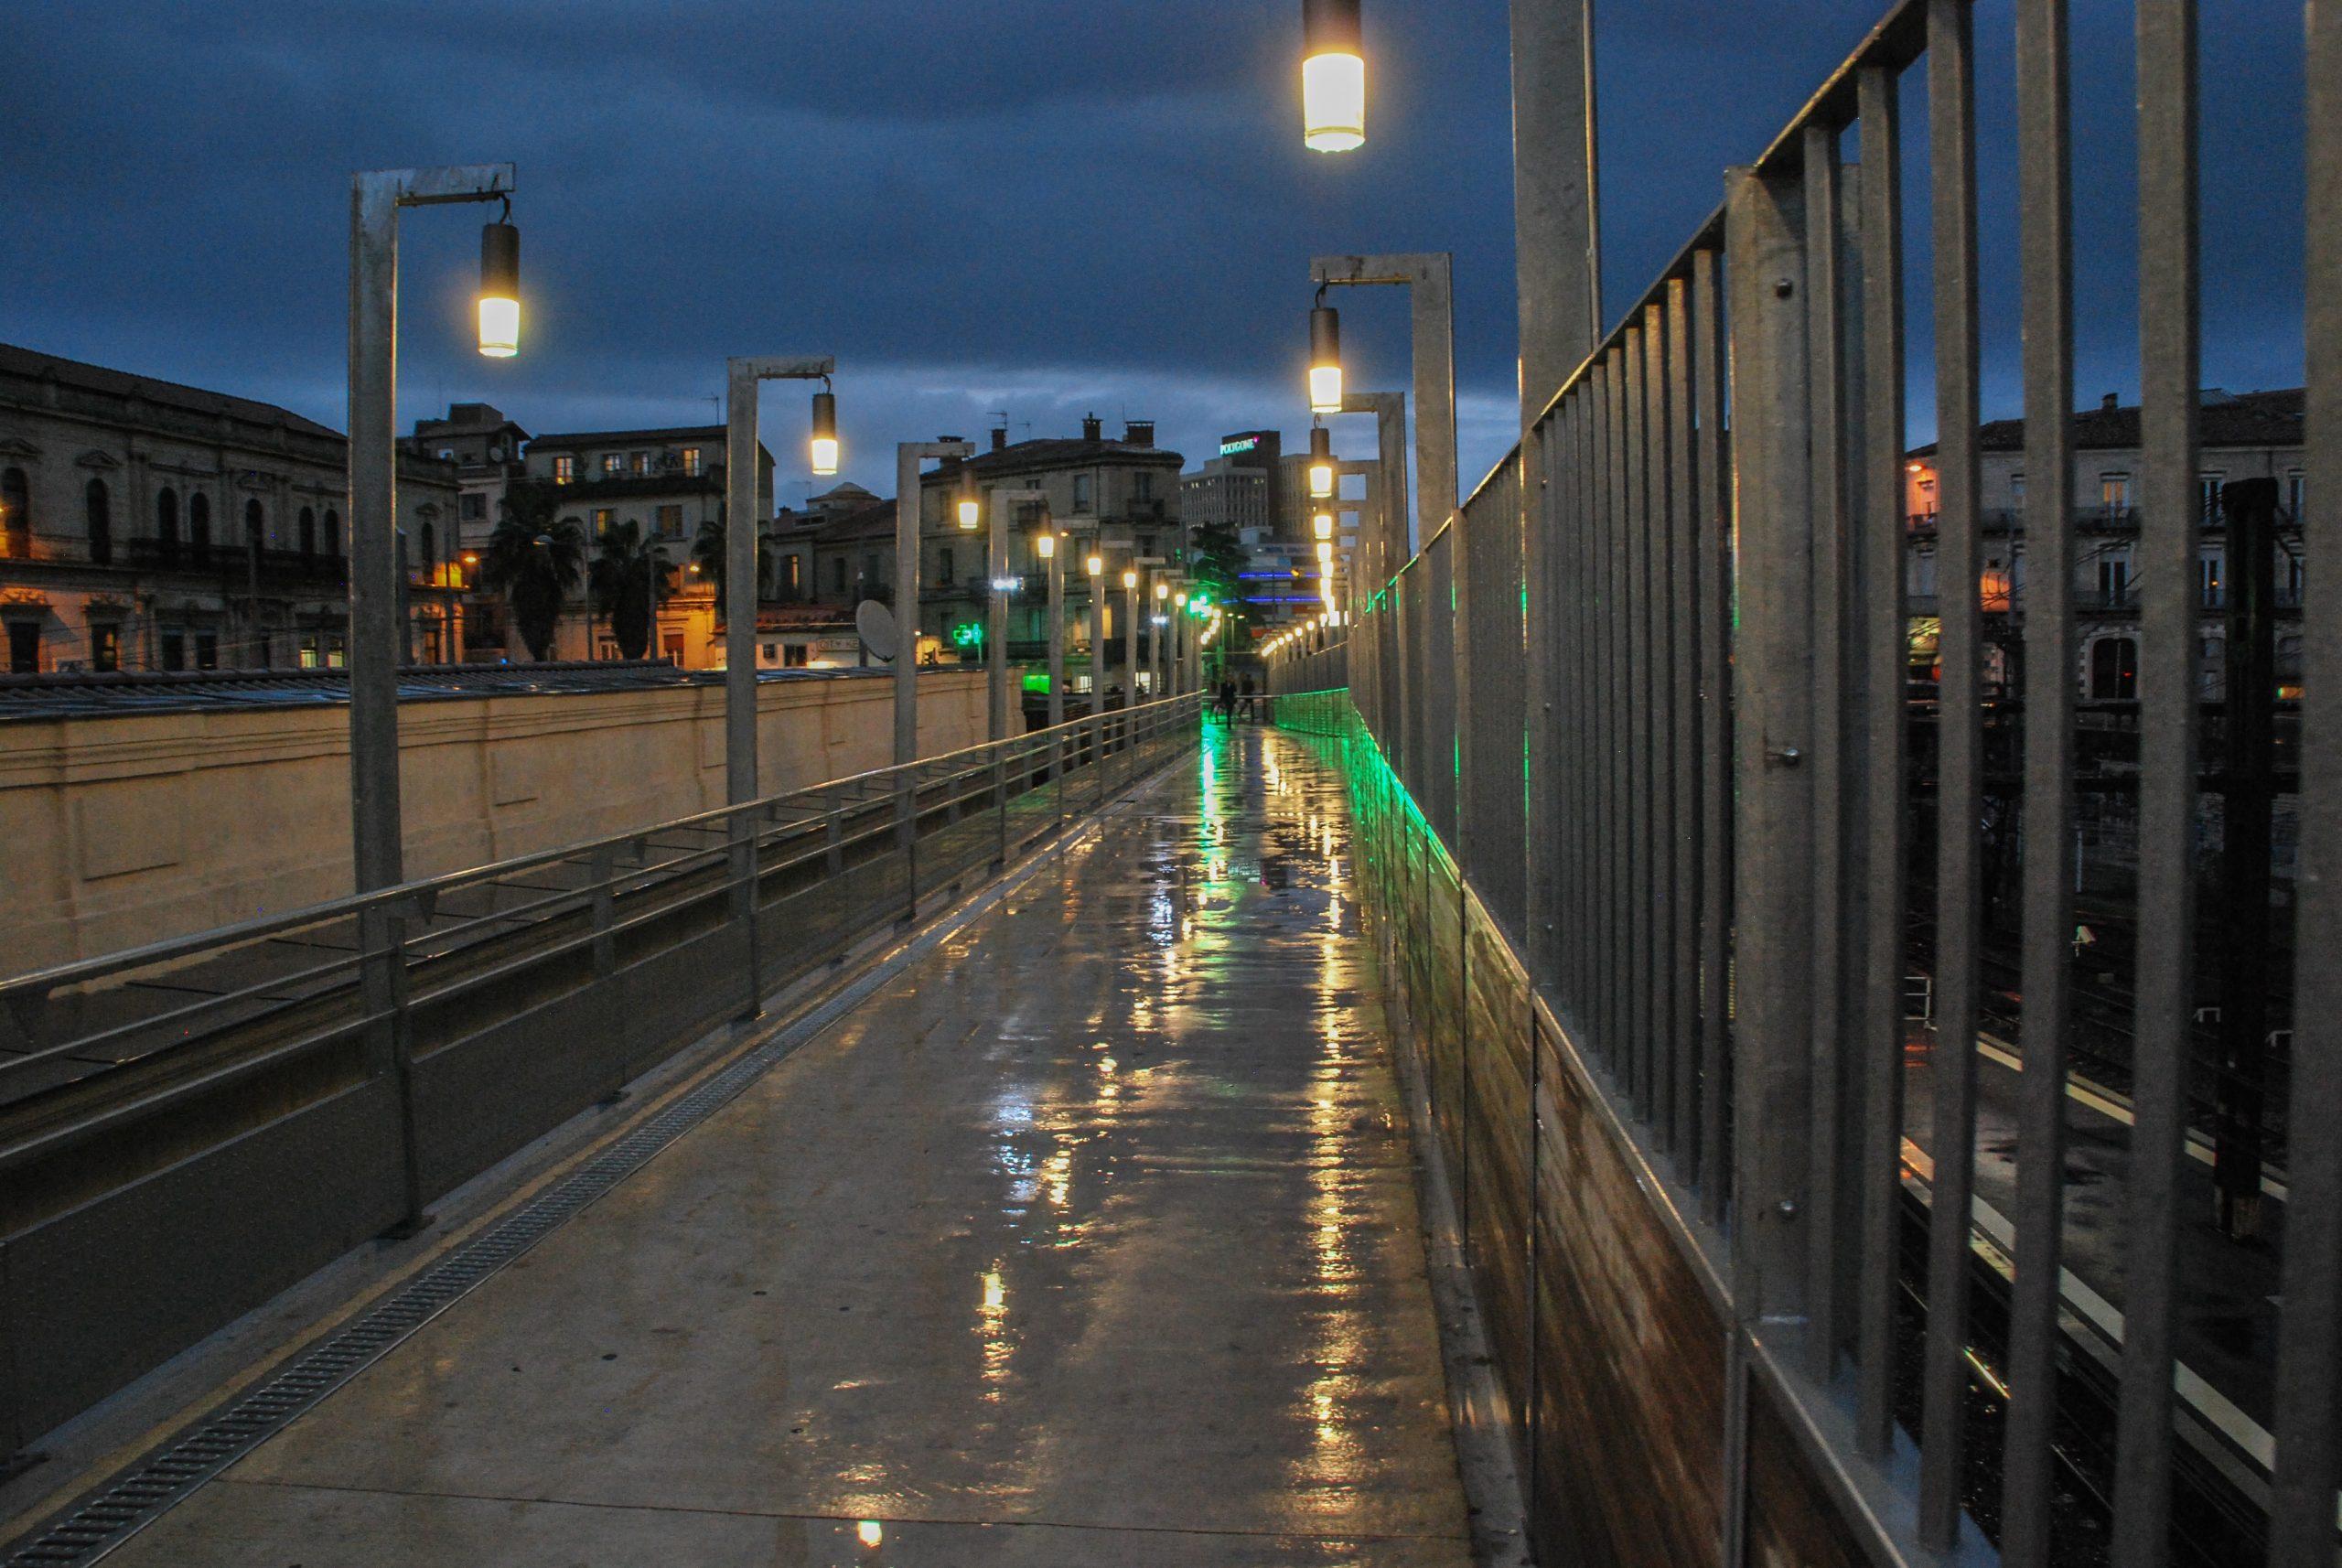 ทำไม โคมไฟถนน led จึงถูกนำมาใช้งานอย่างแพร่หลาย?